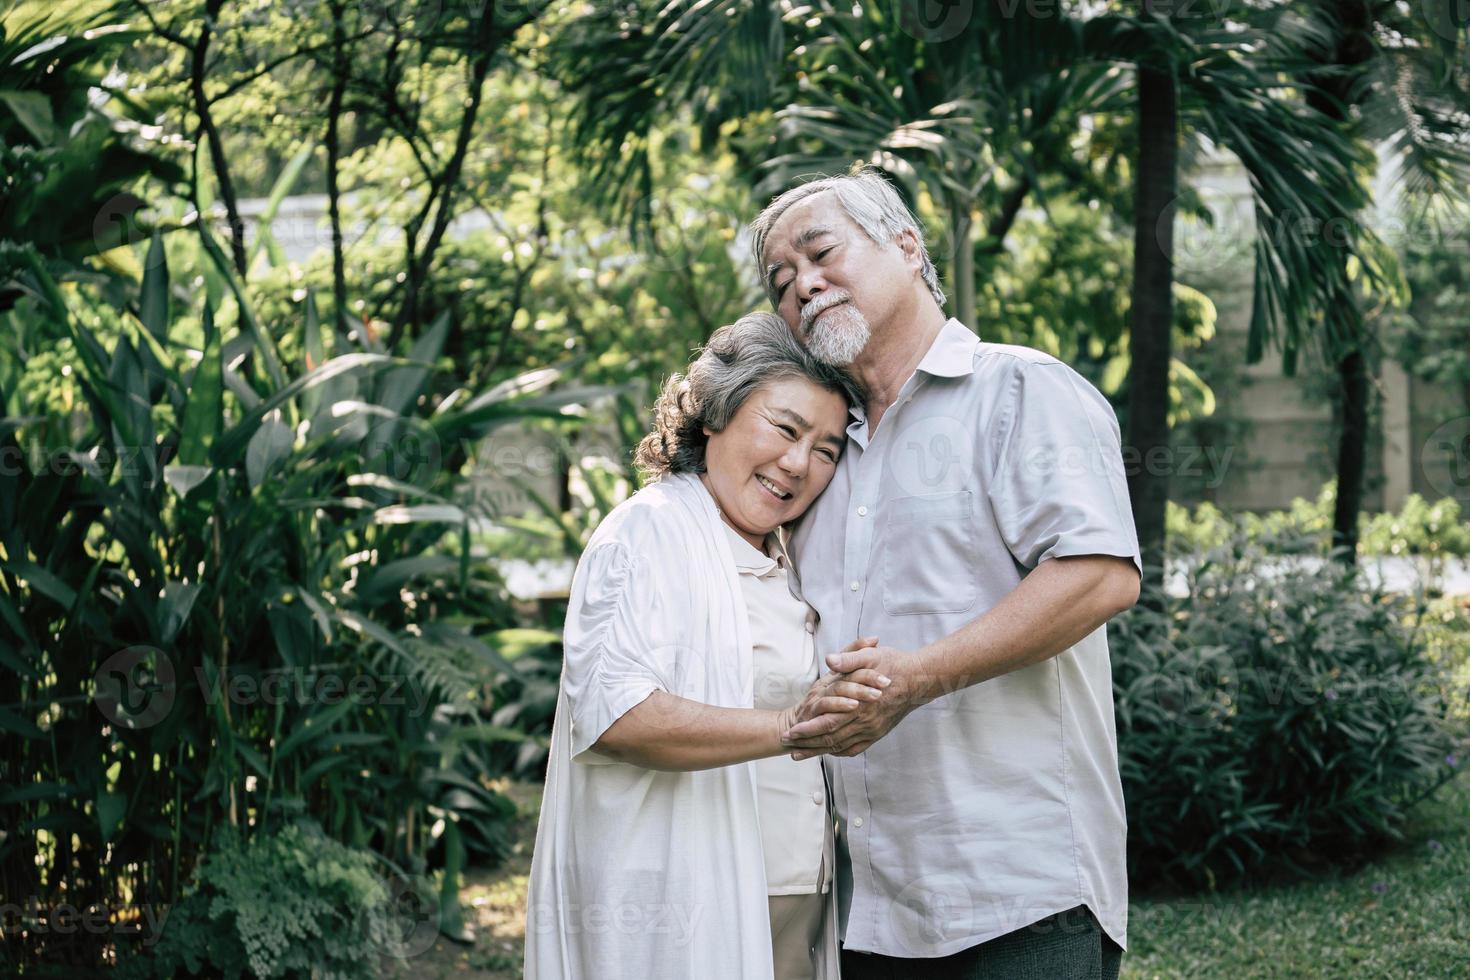 pareja de ancianos bailando juntos foto